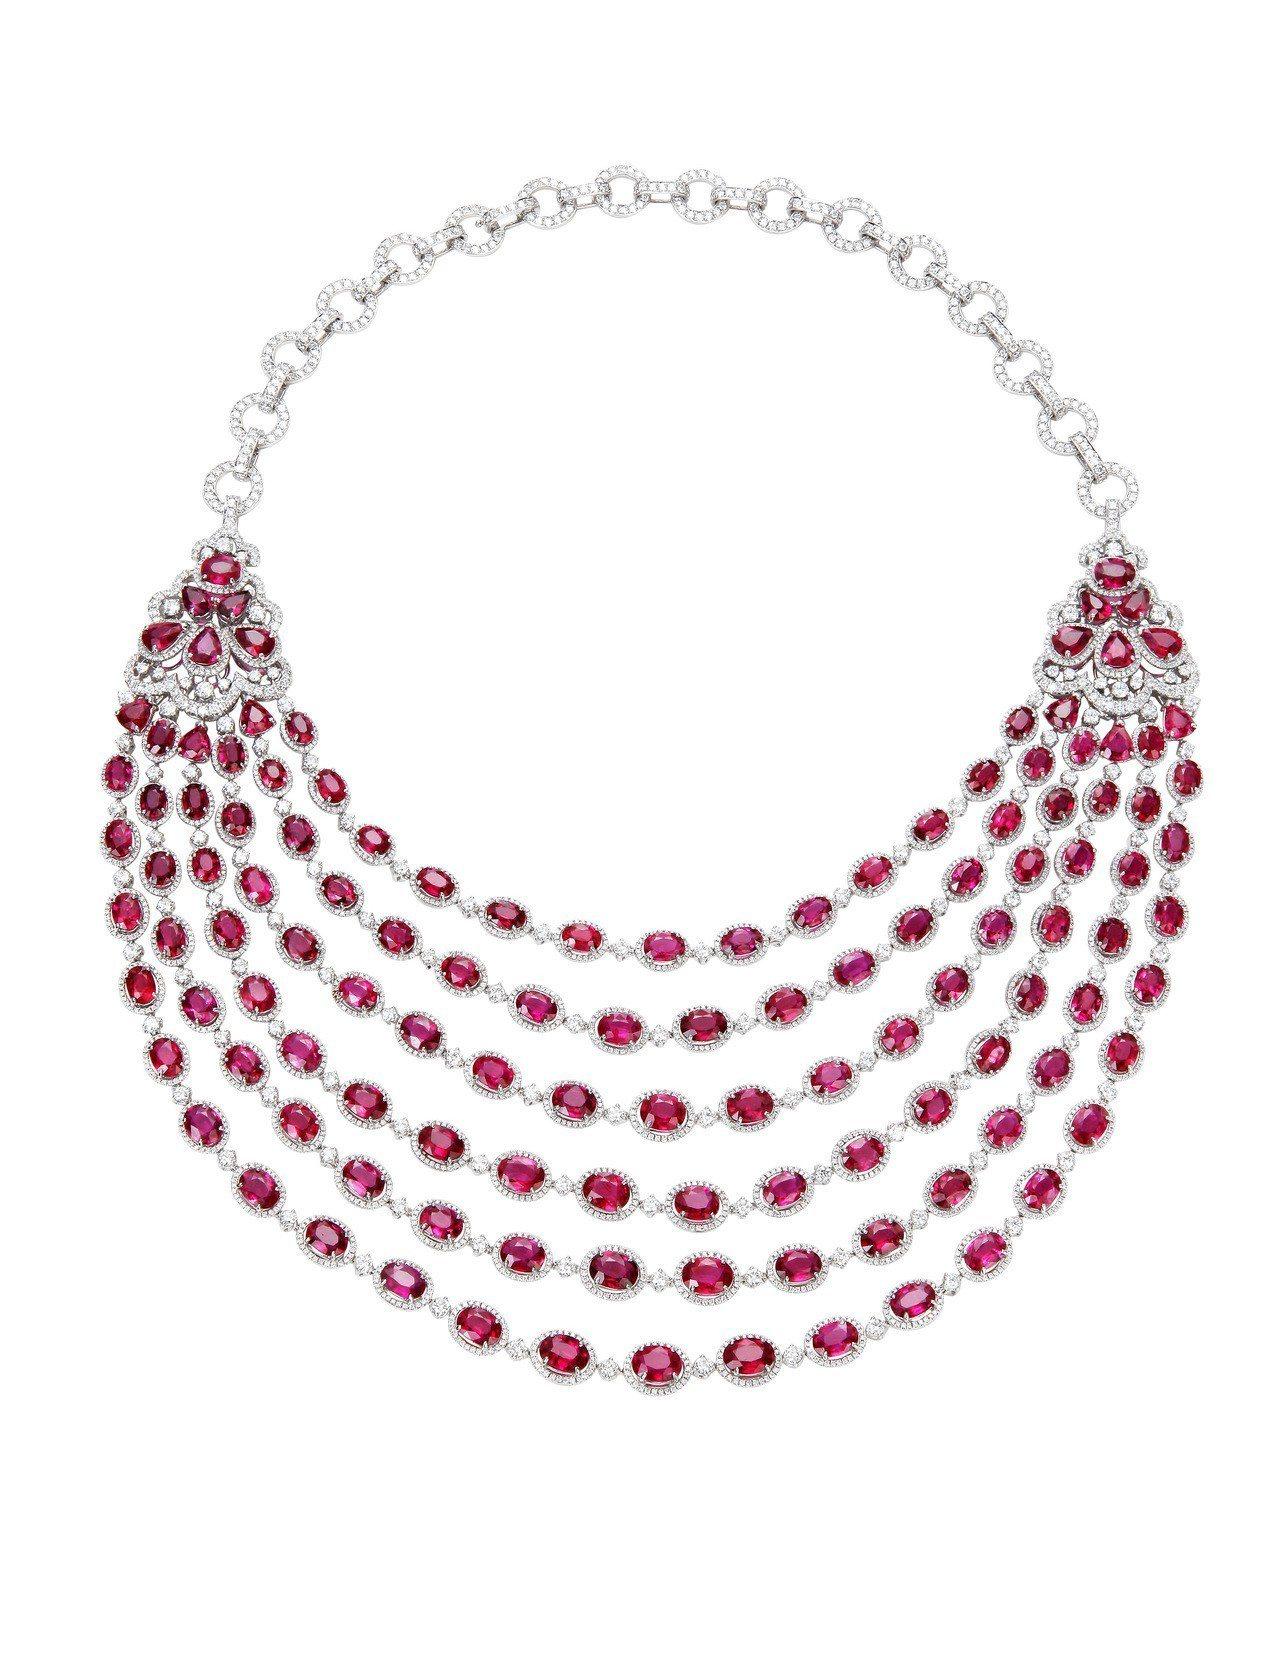 Red Carpet系列紅寶石套組珠寶,項鍊鑲嵌紅寶石總重136.14克拉、鑽石...